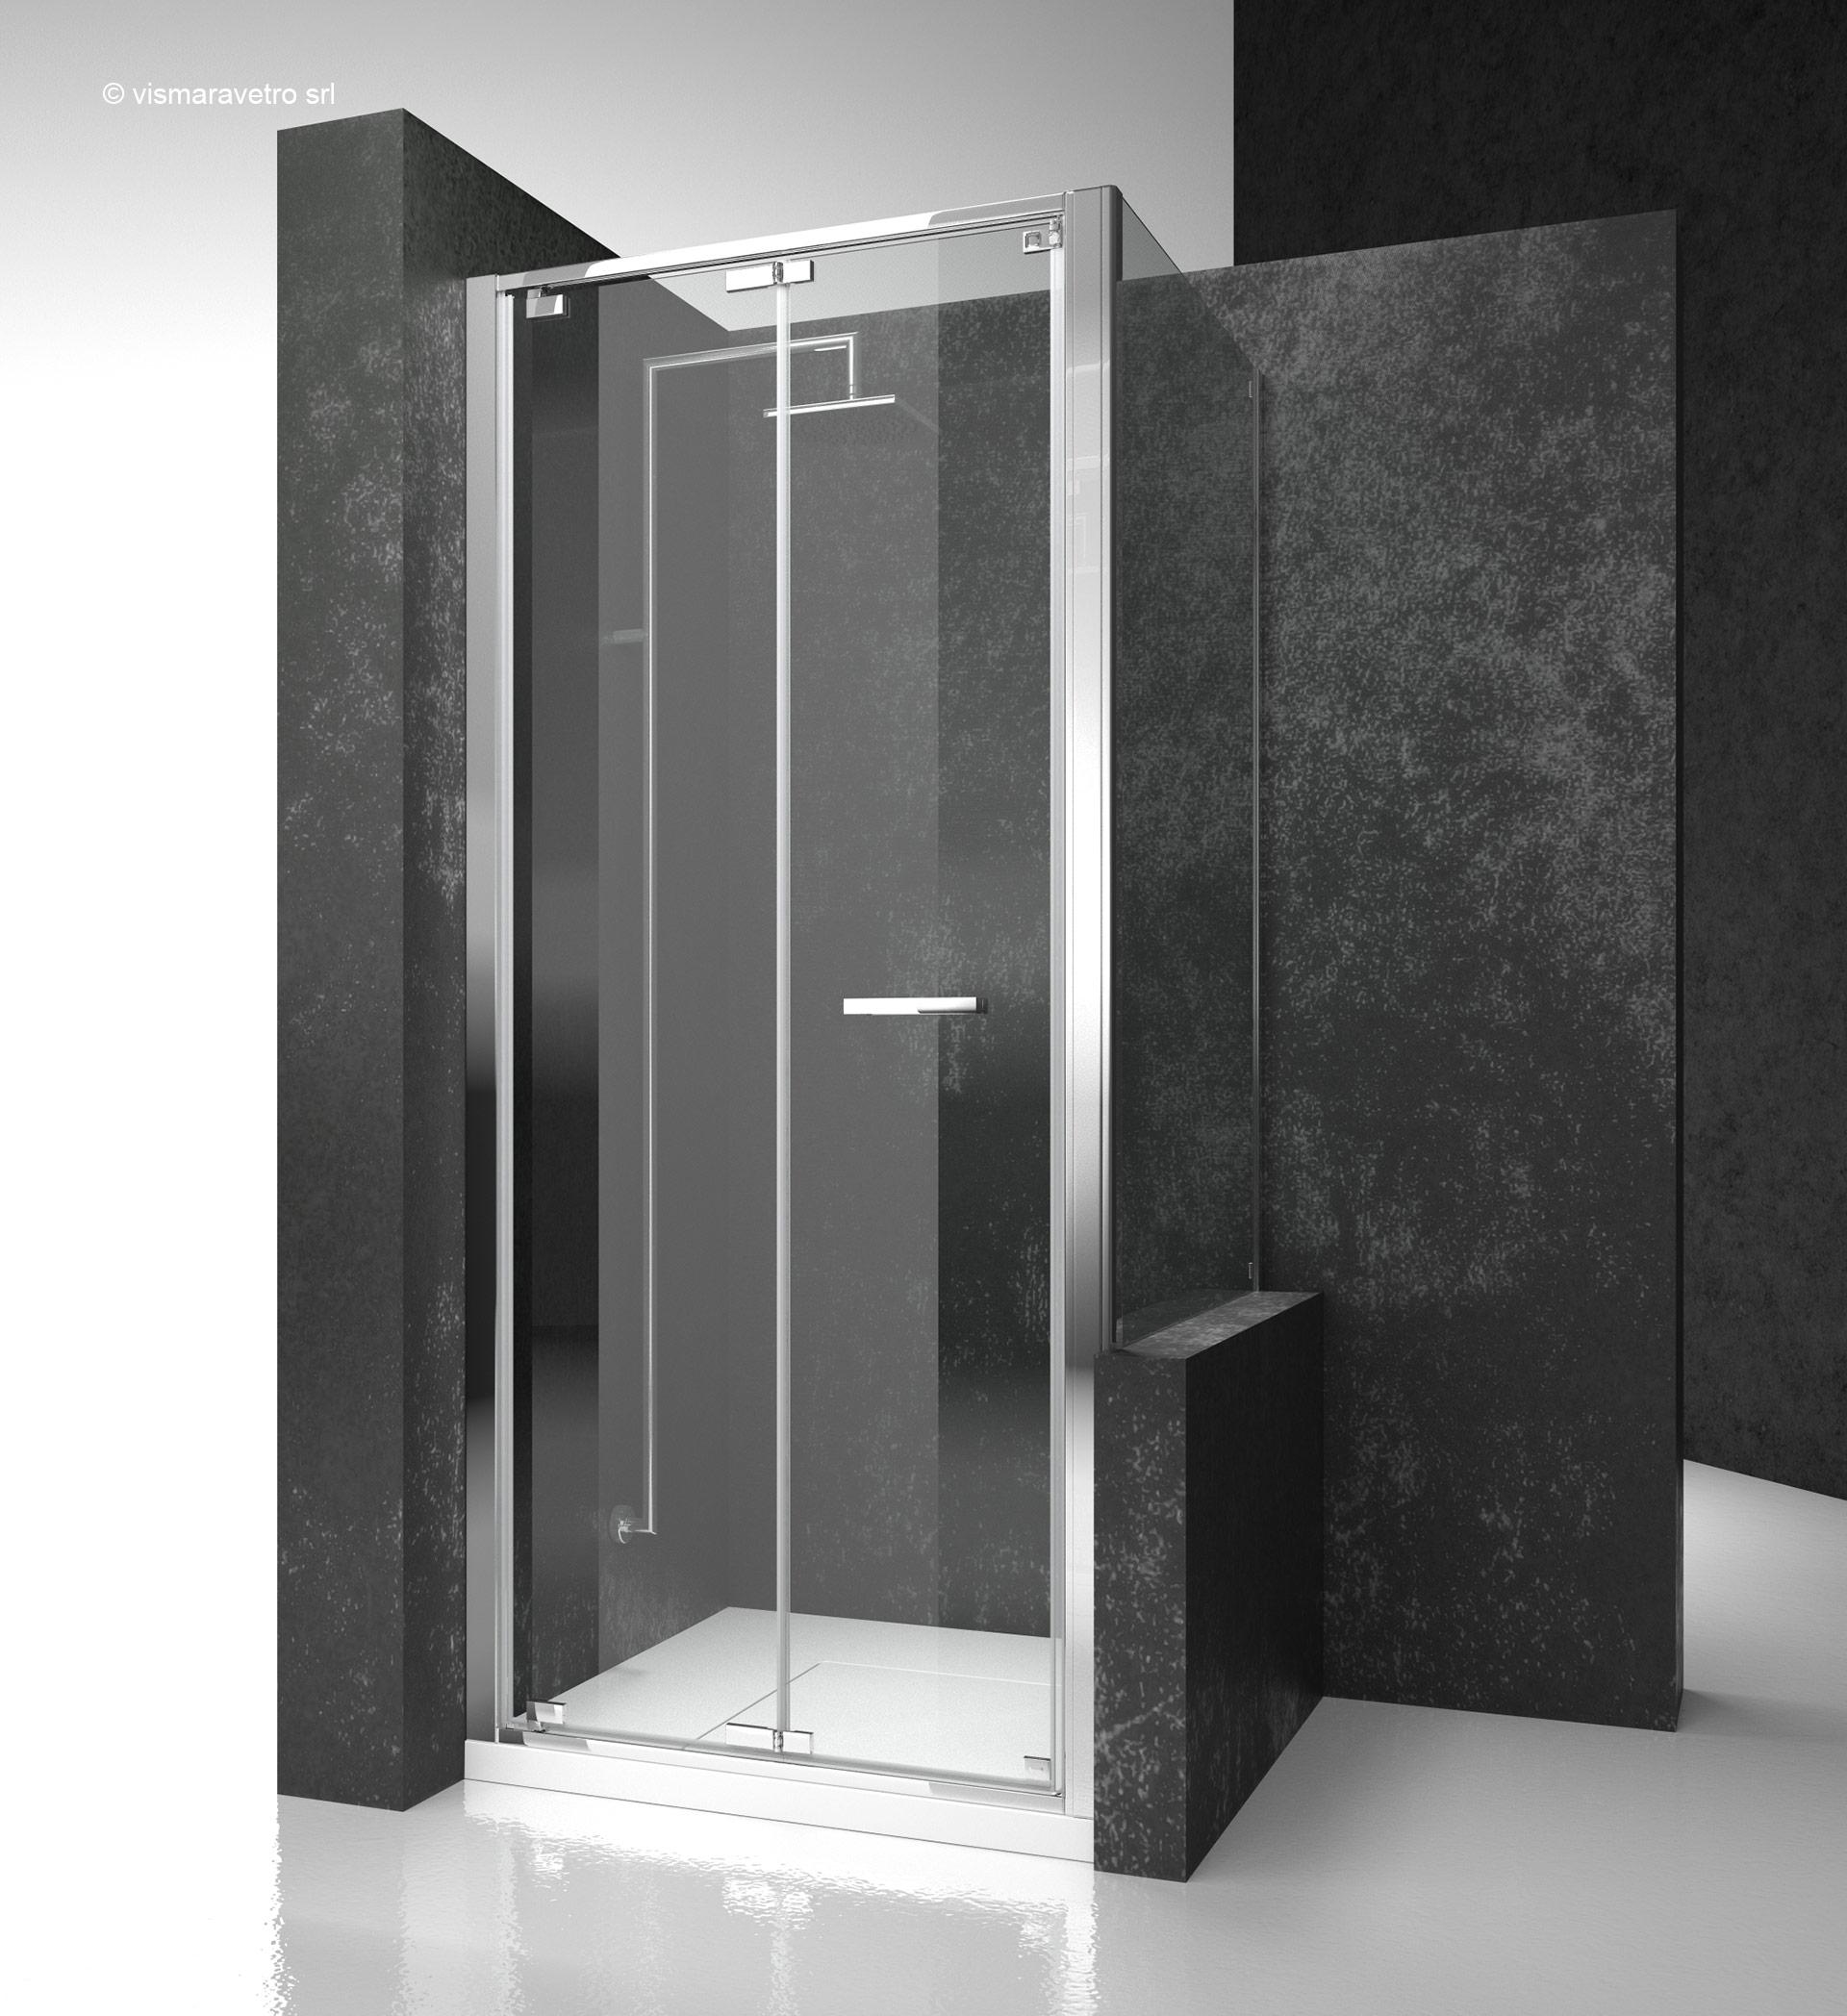 gn+gp : junior modelli cabine doccia con apertura pieghevole